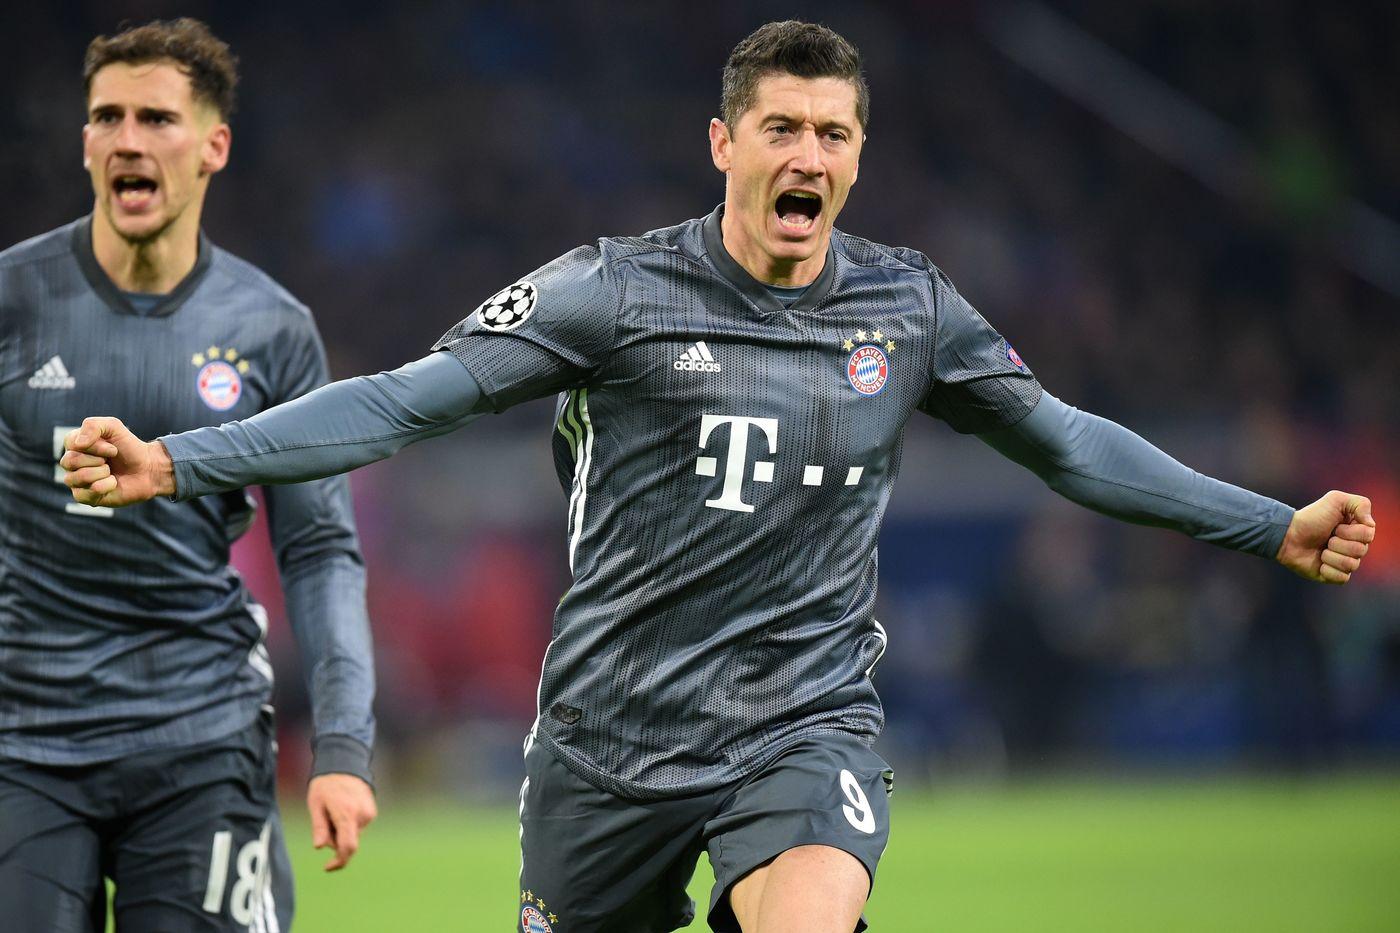 Telekom Cup 13 gennaio: analisi e pronostico della competizione tedesca che si svolge in un'unica serata con match da quarantacinque minuti